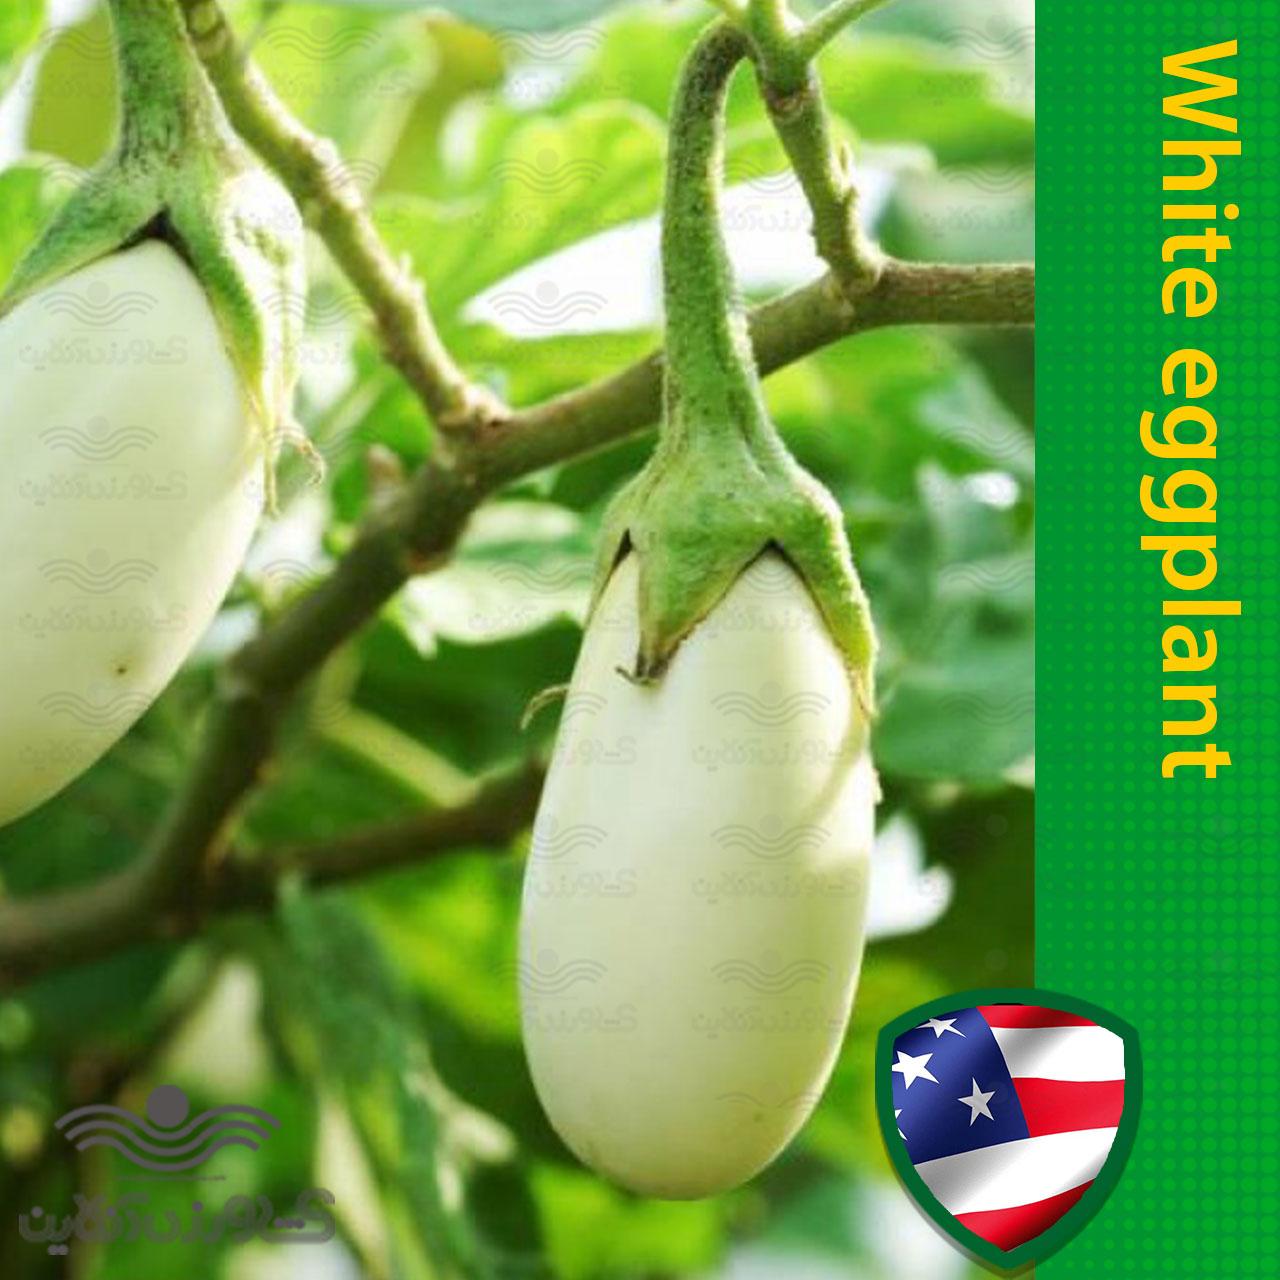 بذر بادمجان سفید خارجی